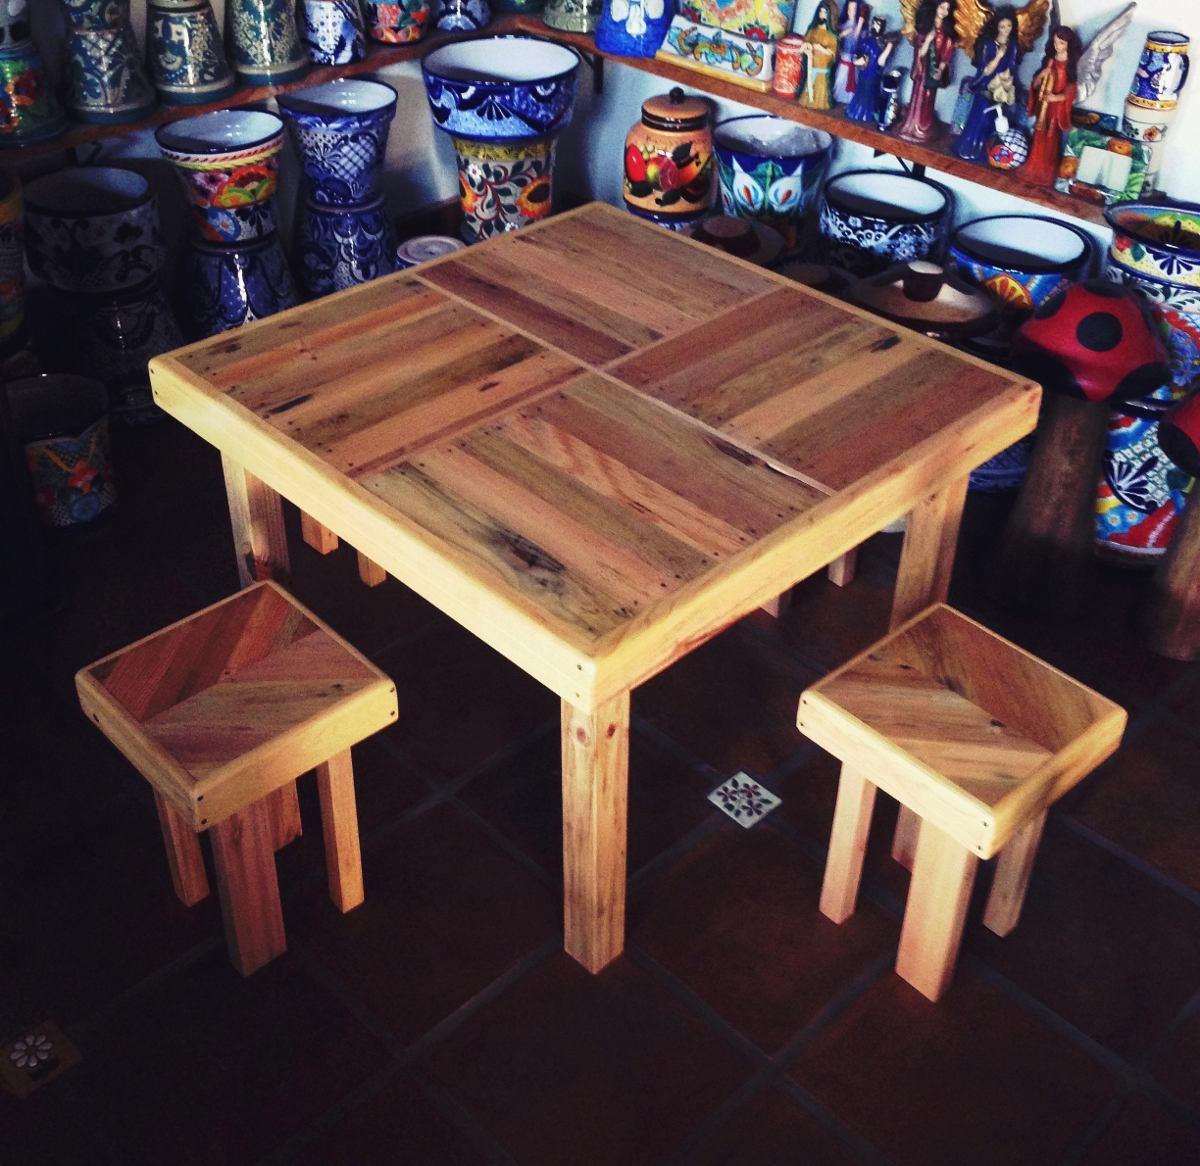 Mesa de tarima madera reciclada 2 en mercado libre for Diseno de muebles con madera reciclada